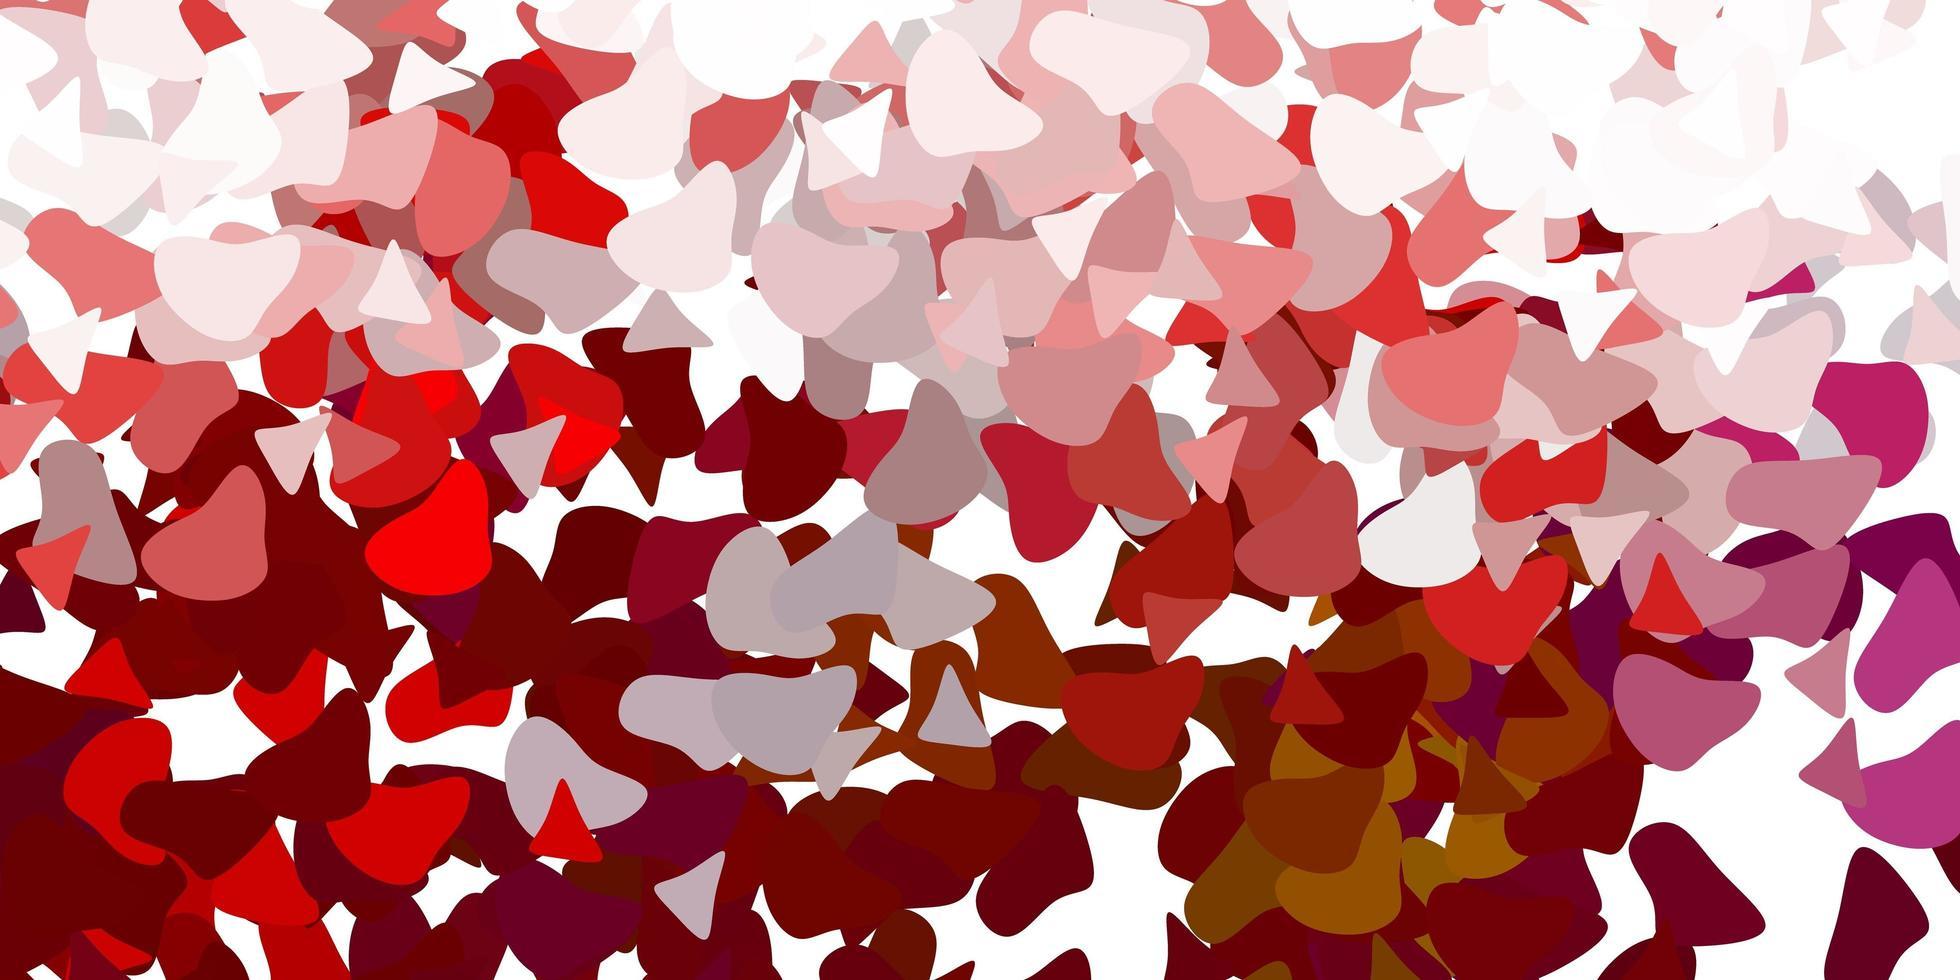 licht veelkleurig vectorpatroon met abstracte vormen. vector